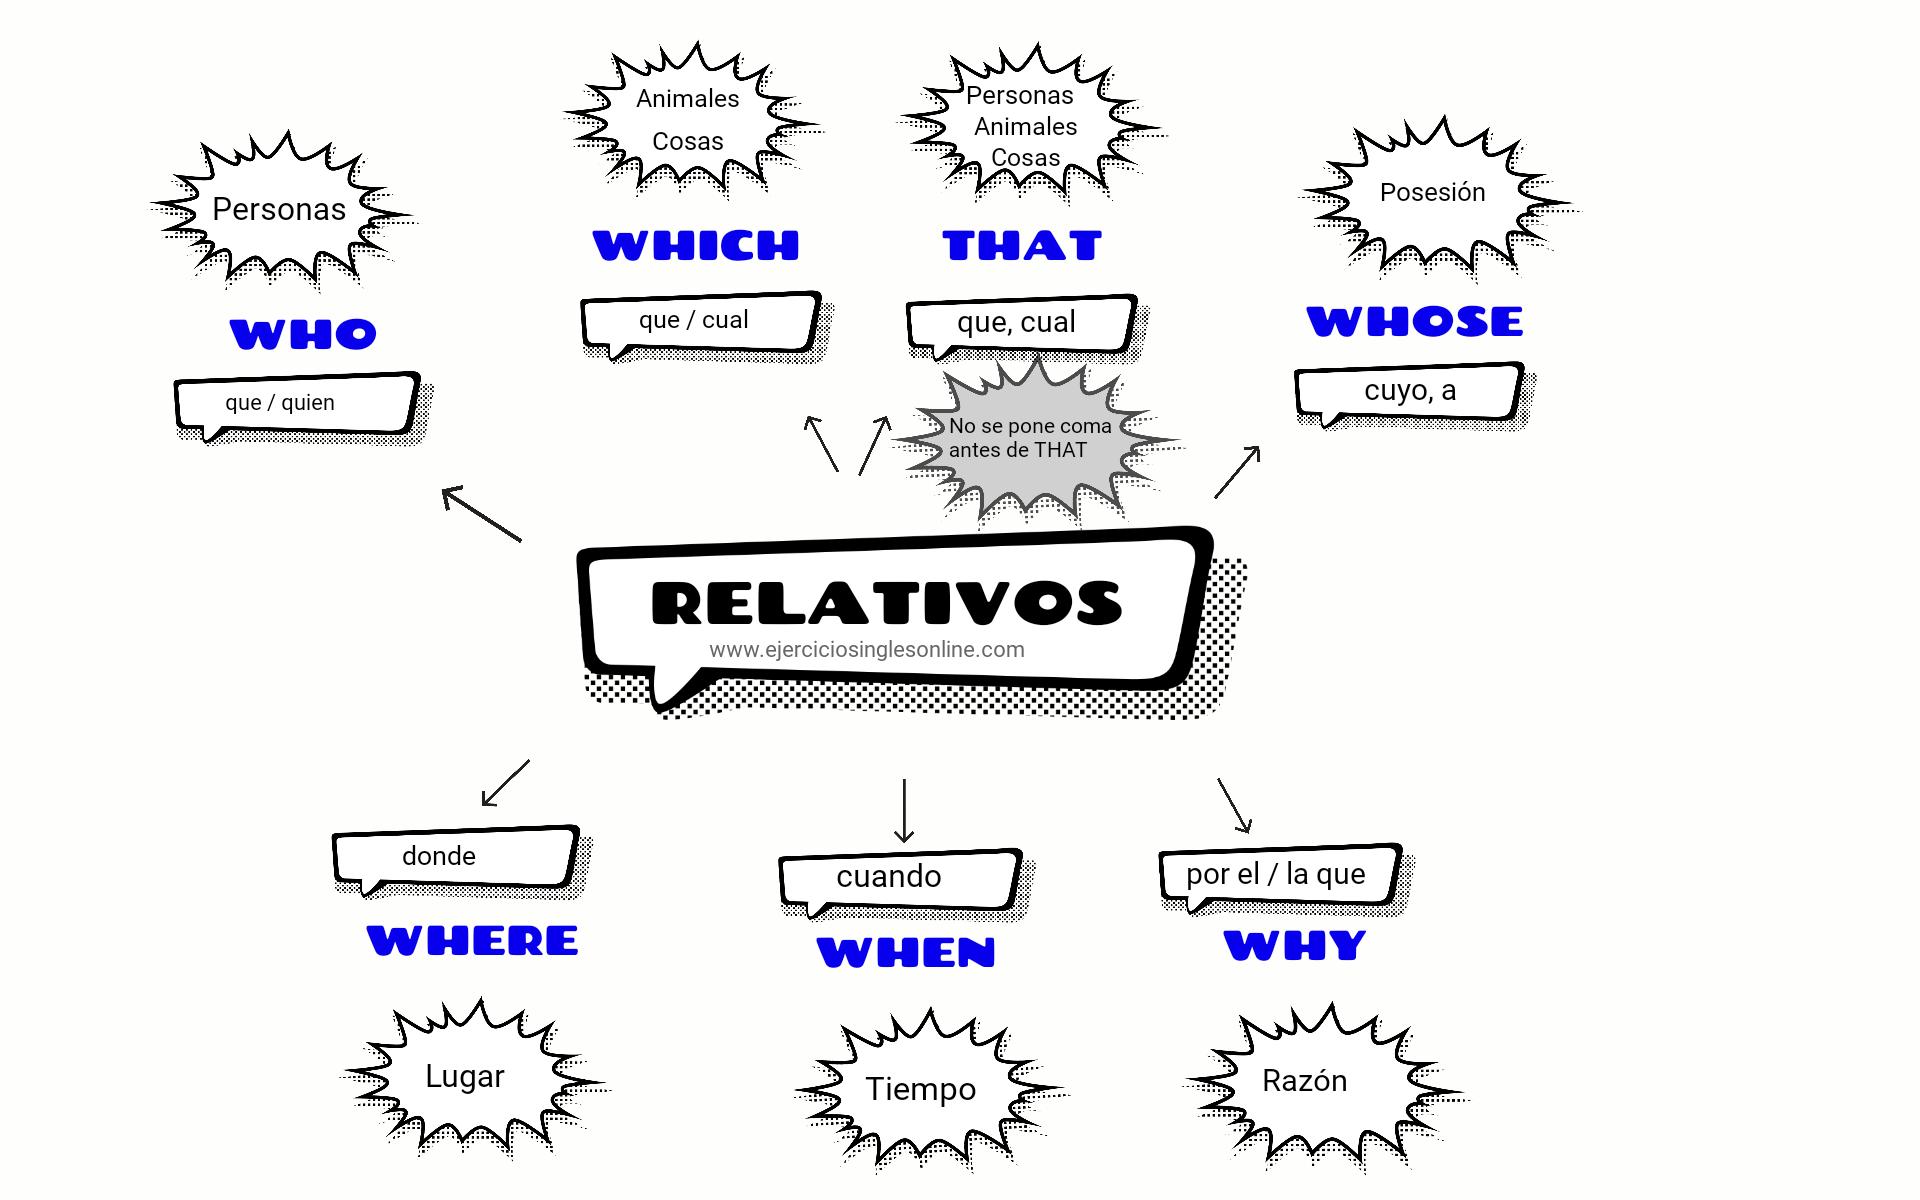 Relativos - Ejercicio 4 - Interactivo